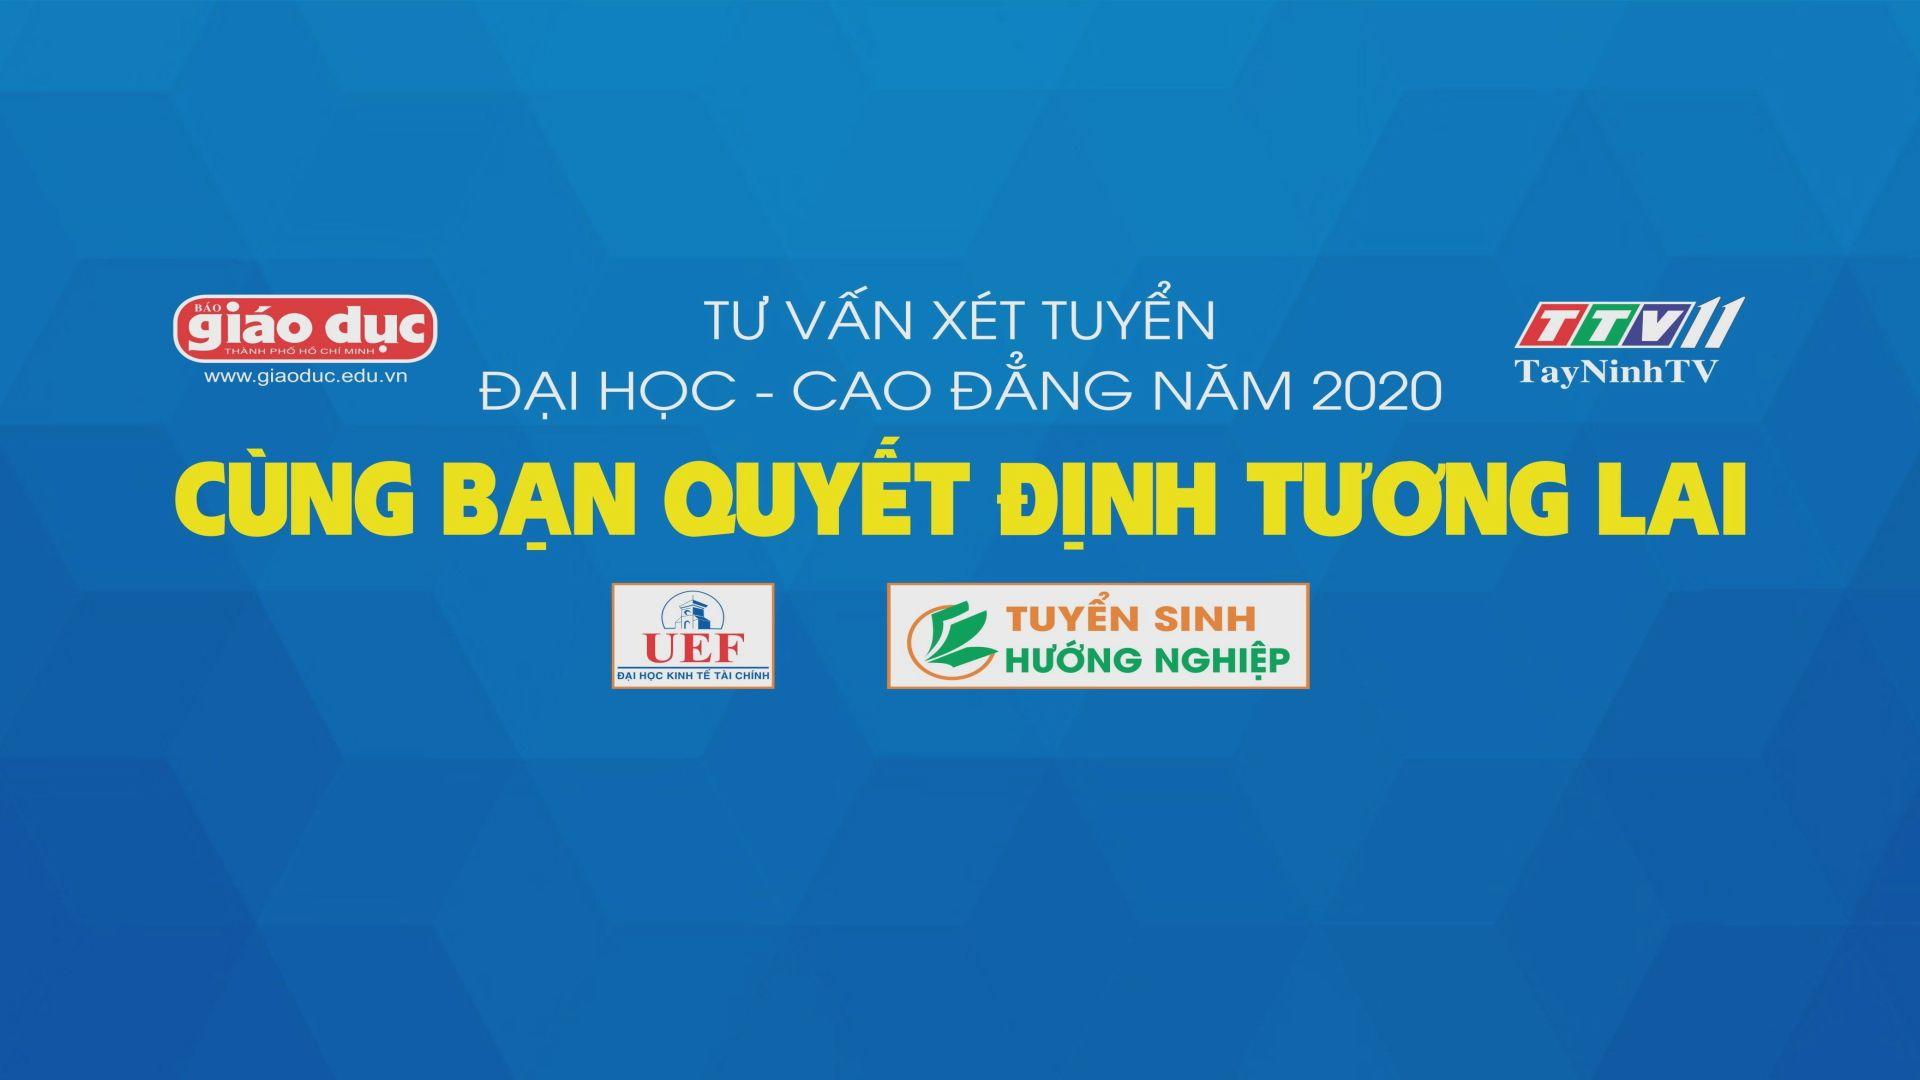 Tư vấn xét tuyển ĐH - CĐ năm 2020 | Chủ đề: CÙNG BẠN QUYẾT ĐỊNH TƯƠNG LAI | TayNinhTV